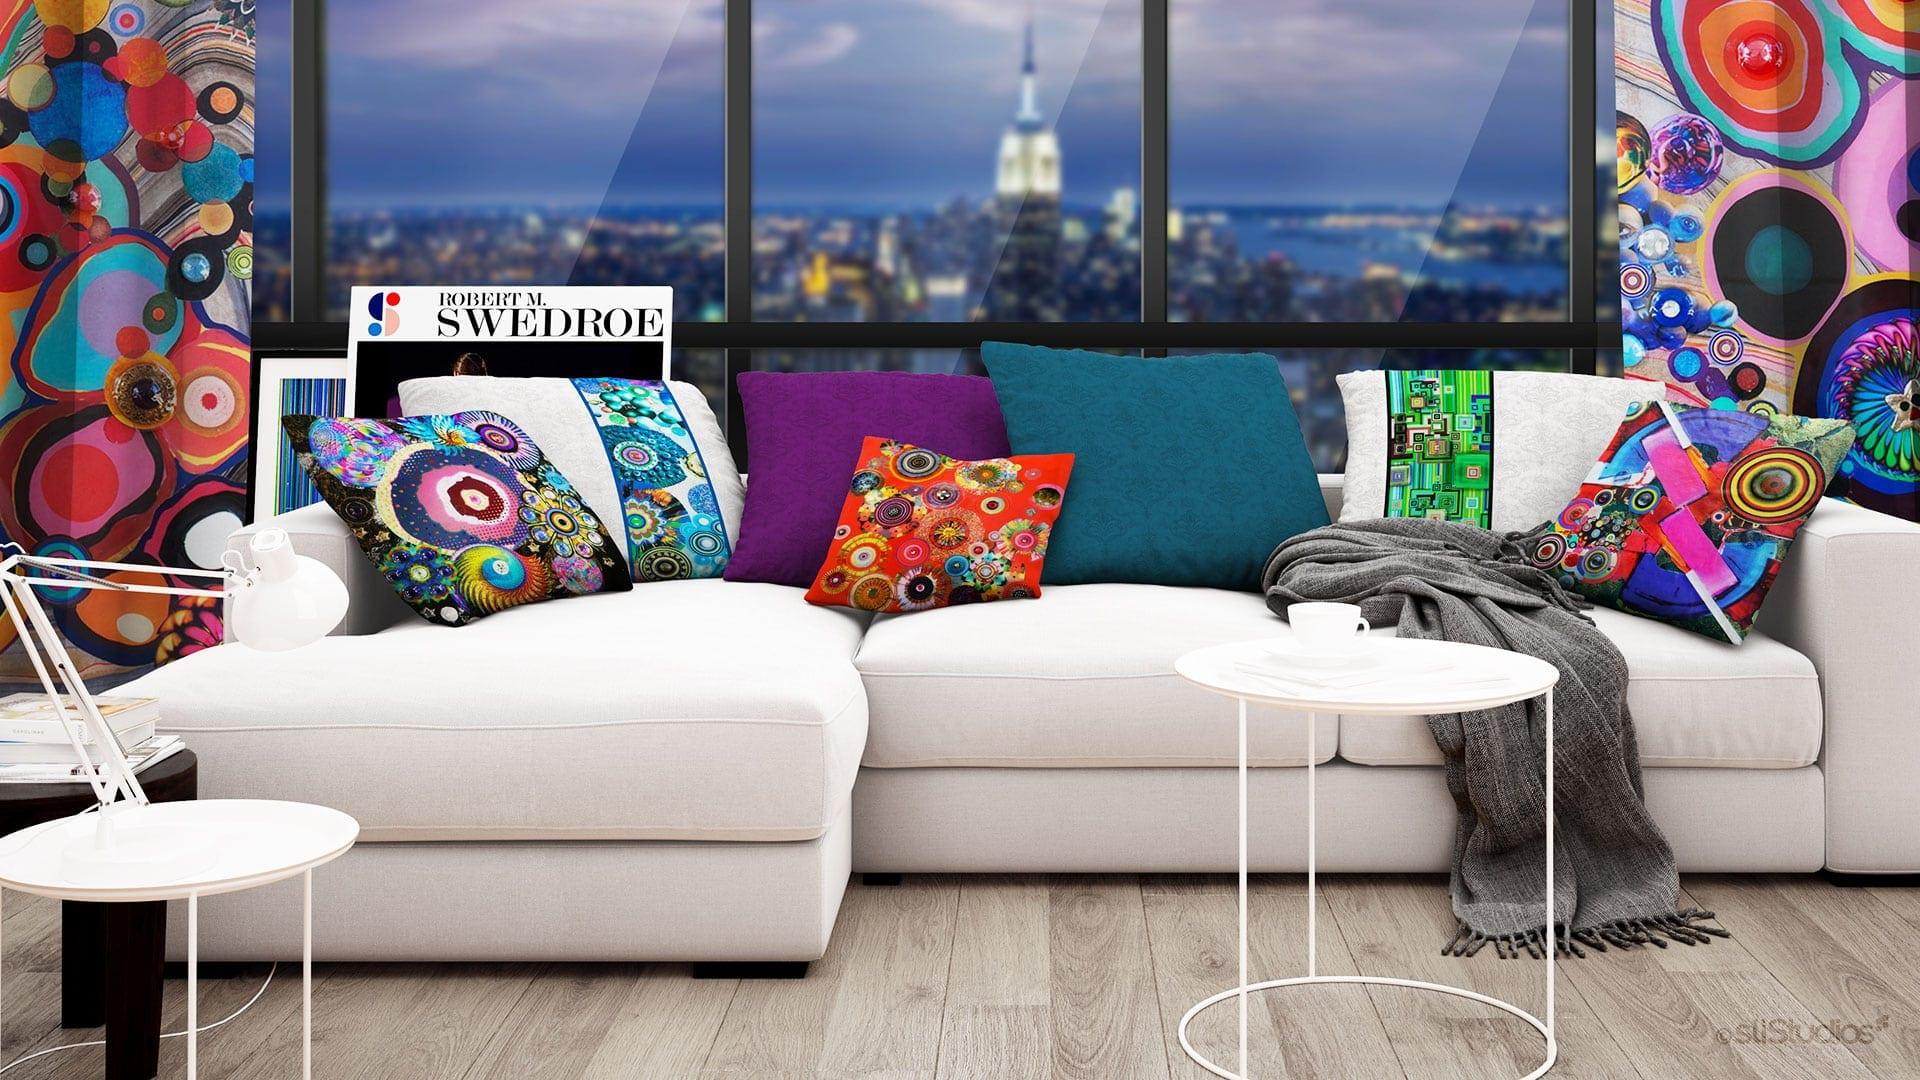 Swedroe Licensing Web Designs by sliStudios Miami